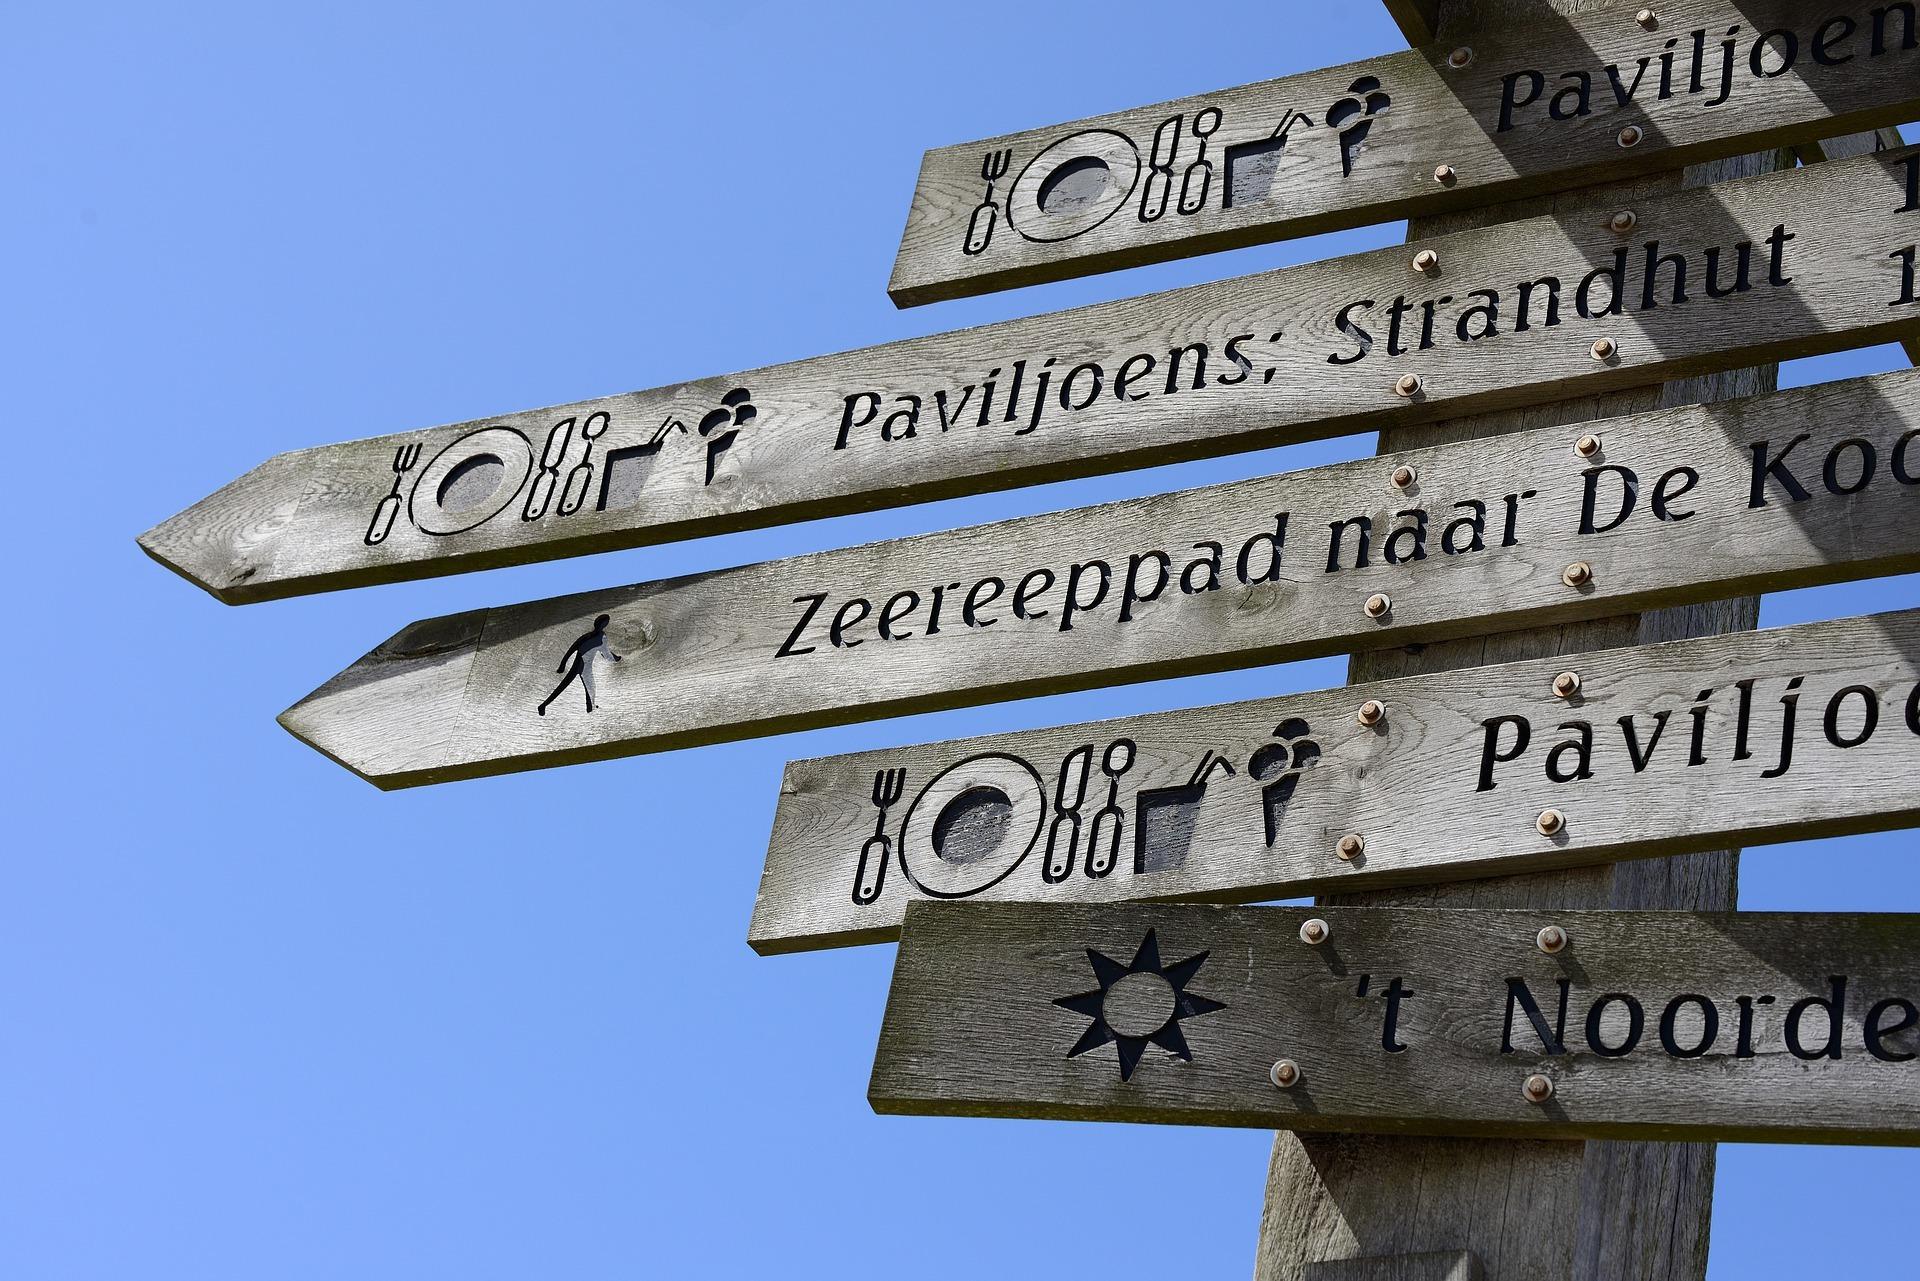 Wegwijsbord bij de Badweg in De Koog VVV Texel